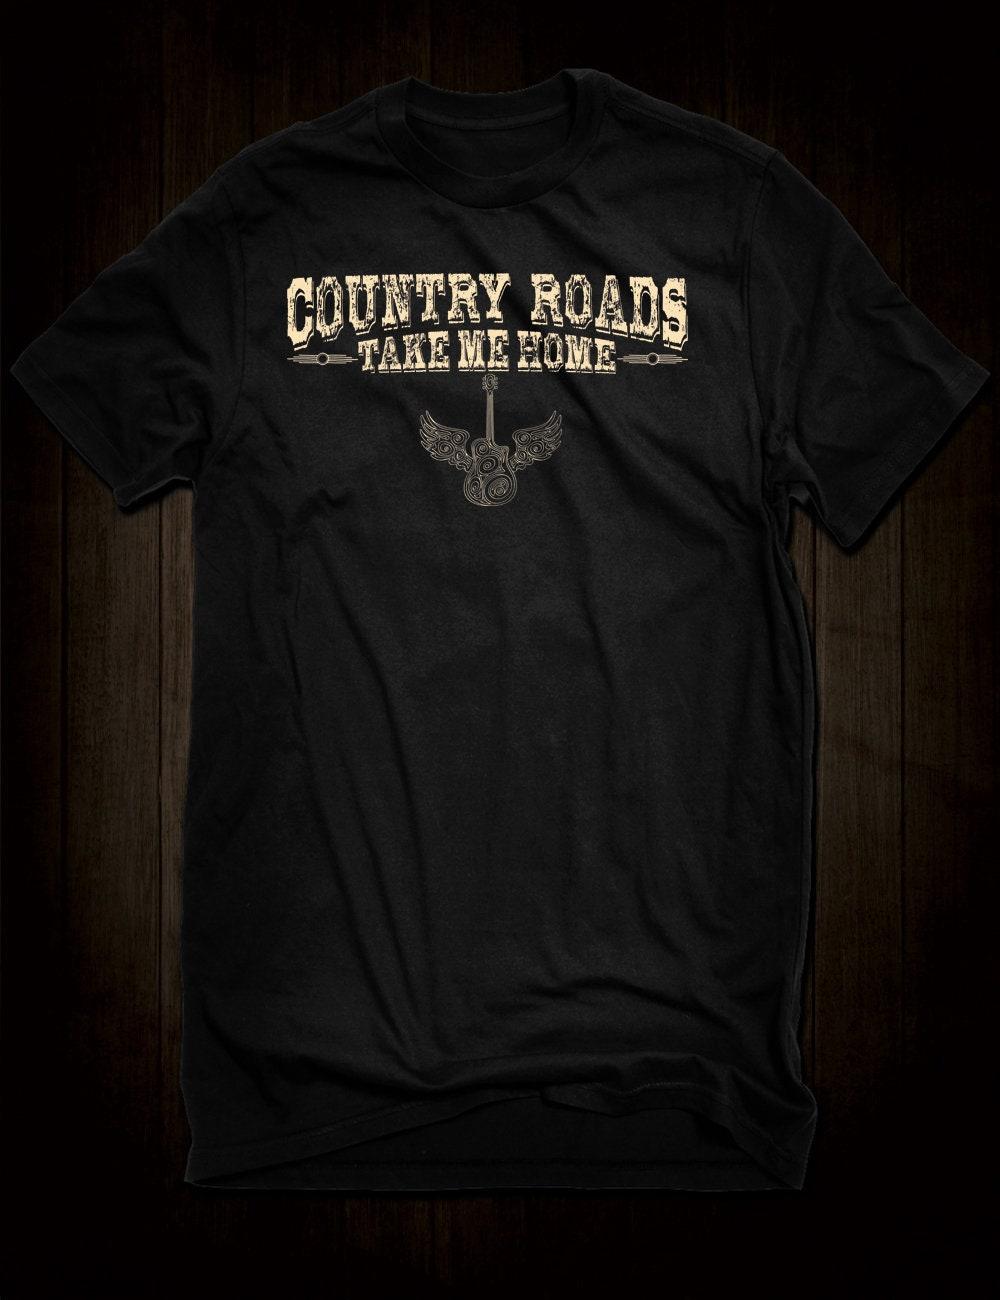 Routes de campagne Me prennent de la maison John Country Denver T-Shirt  lyrique musique a68e5e150996